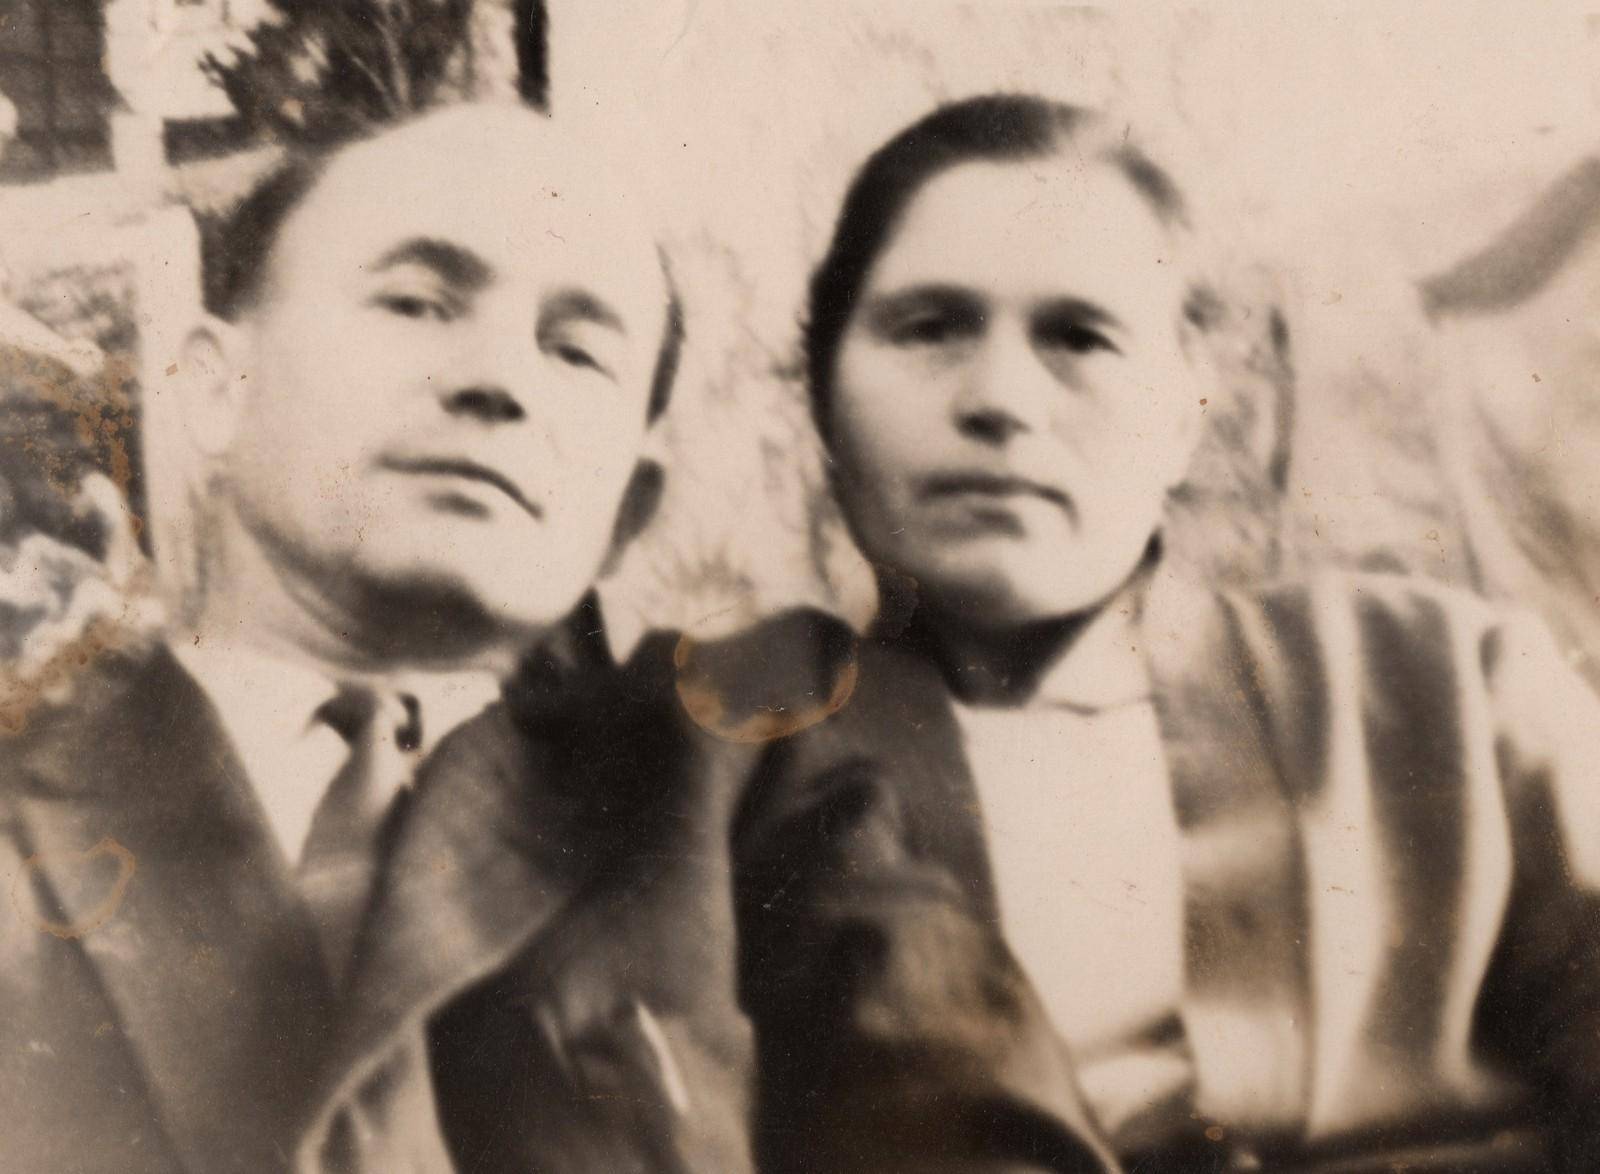 04 Дед и Баба молодые_портрет_copy_2581x1894.jpg